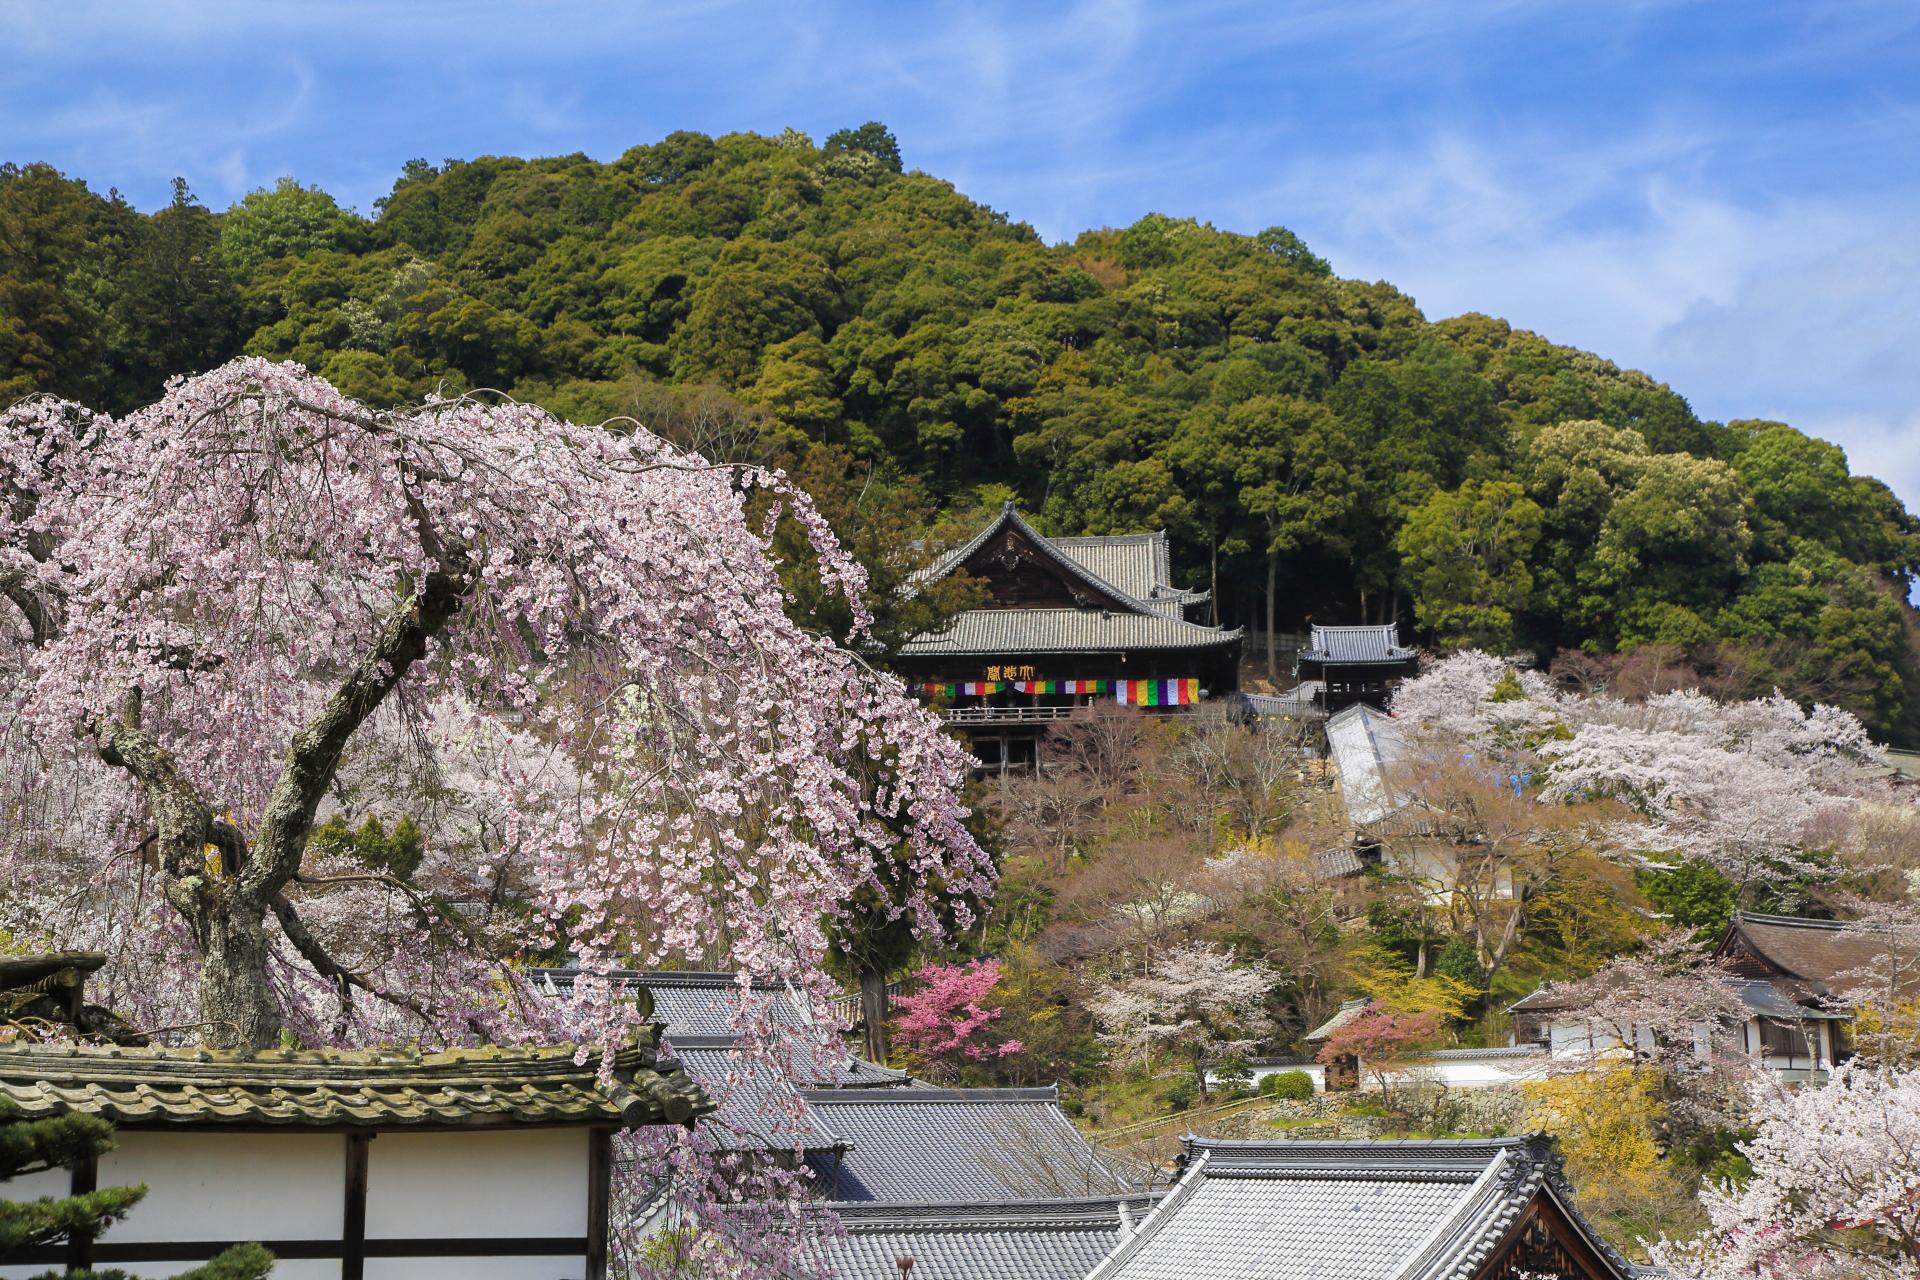 4517372_m 奈良県  長谷寺(境内に約1000本もの桜が咲き誇る春におすすめ桜スポット! 写真の紹介、アクセス情報や駐車場情報など)